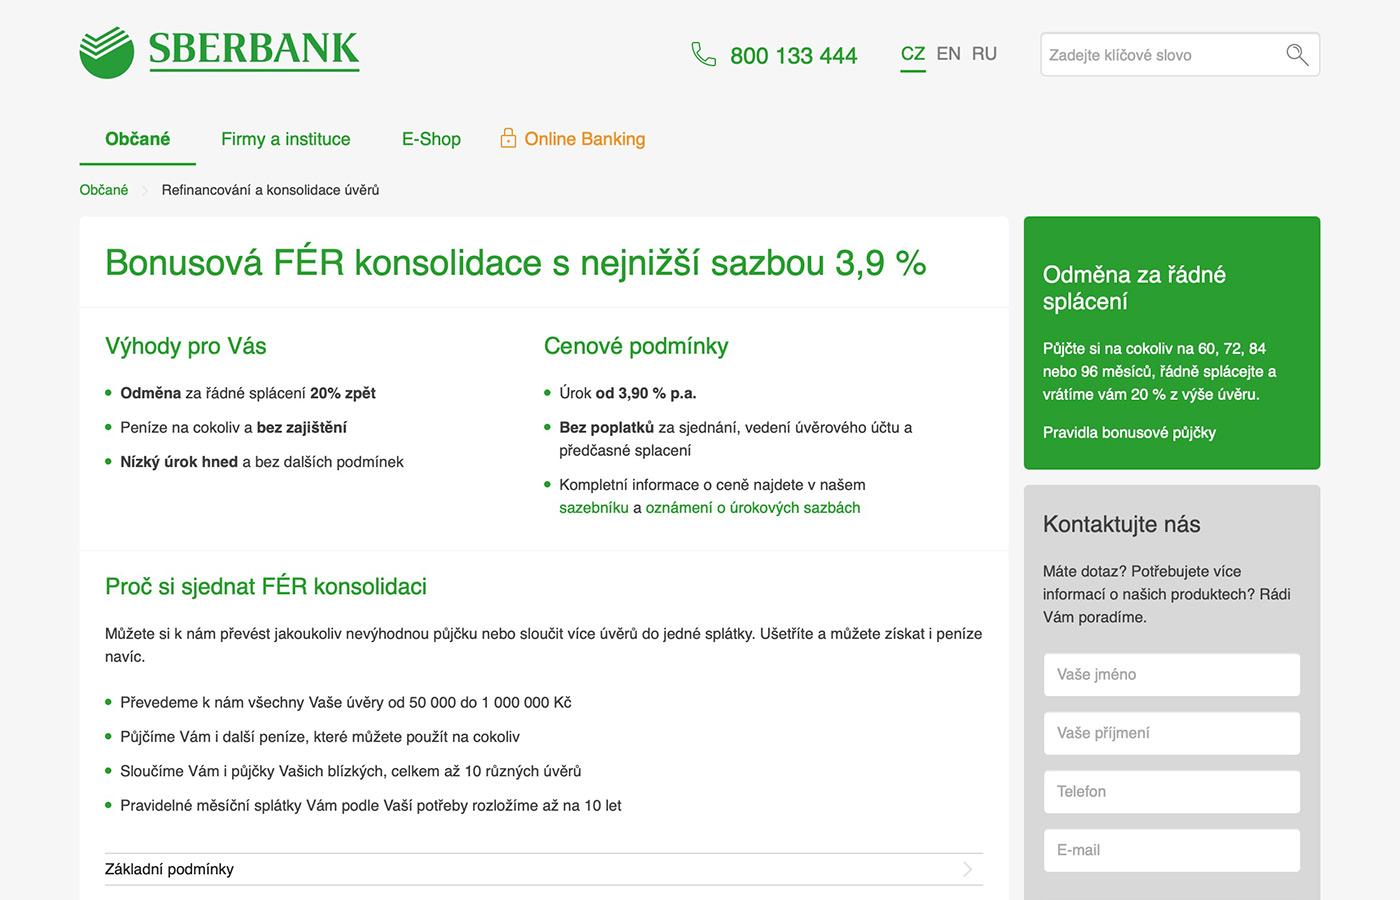 Náhled webových stránek www.sberbankcz.cz/obcane/refinancovani-a-konsolidace-uveru